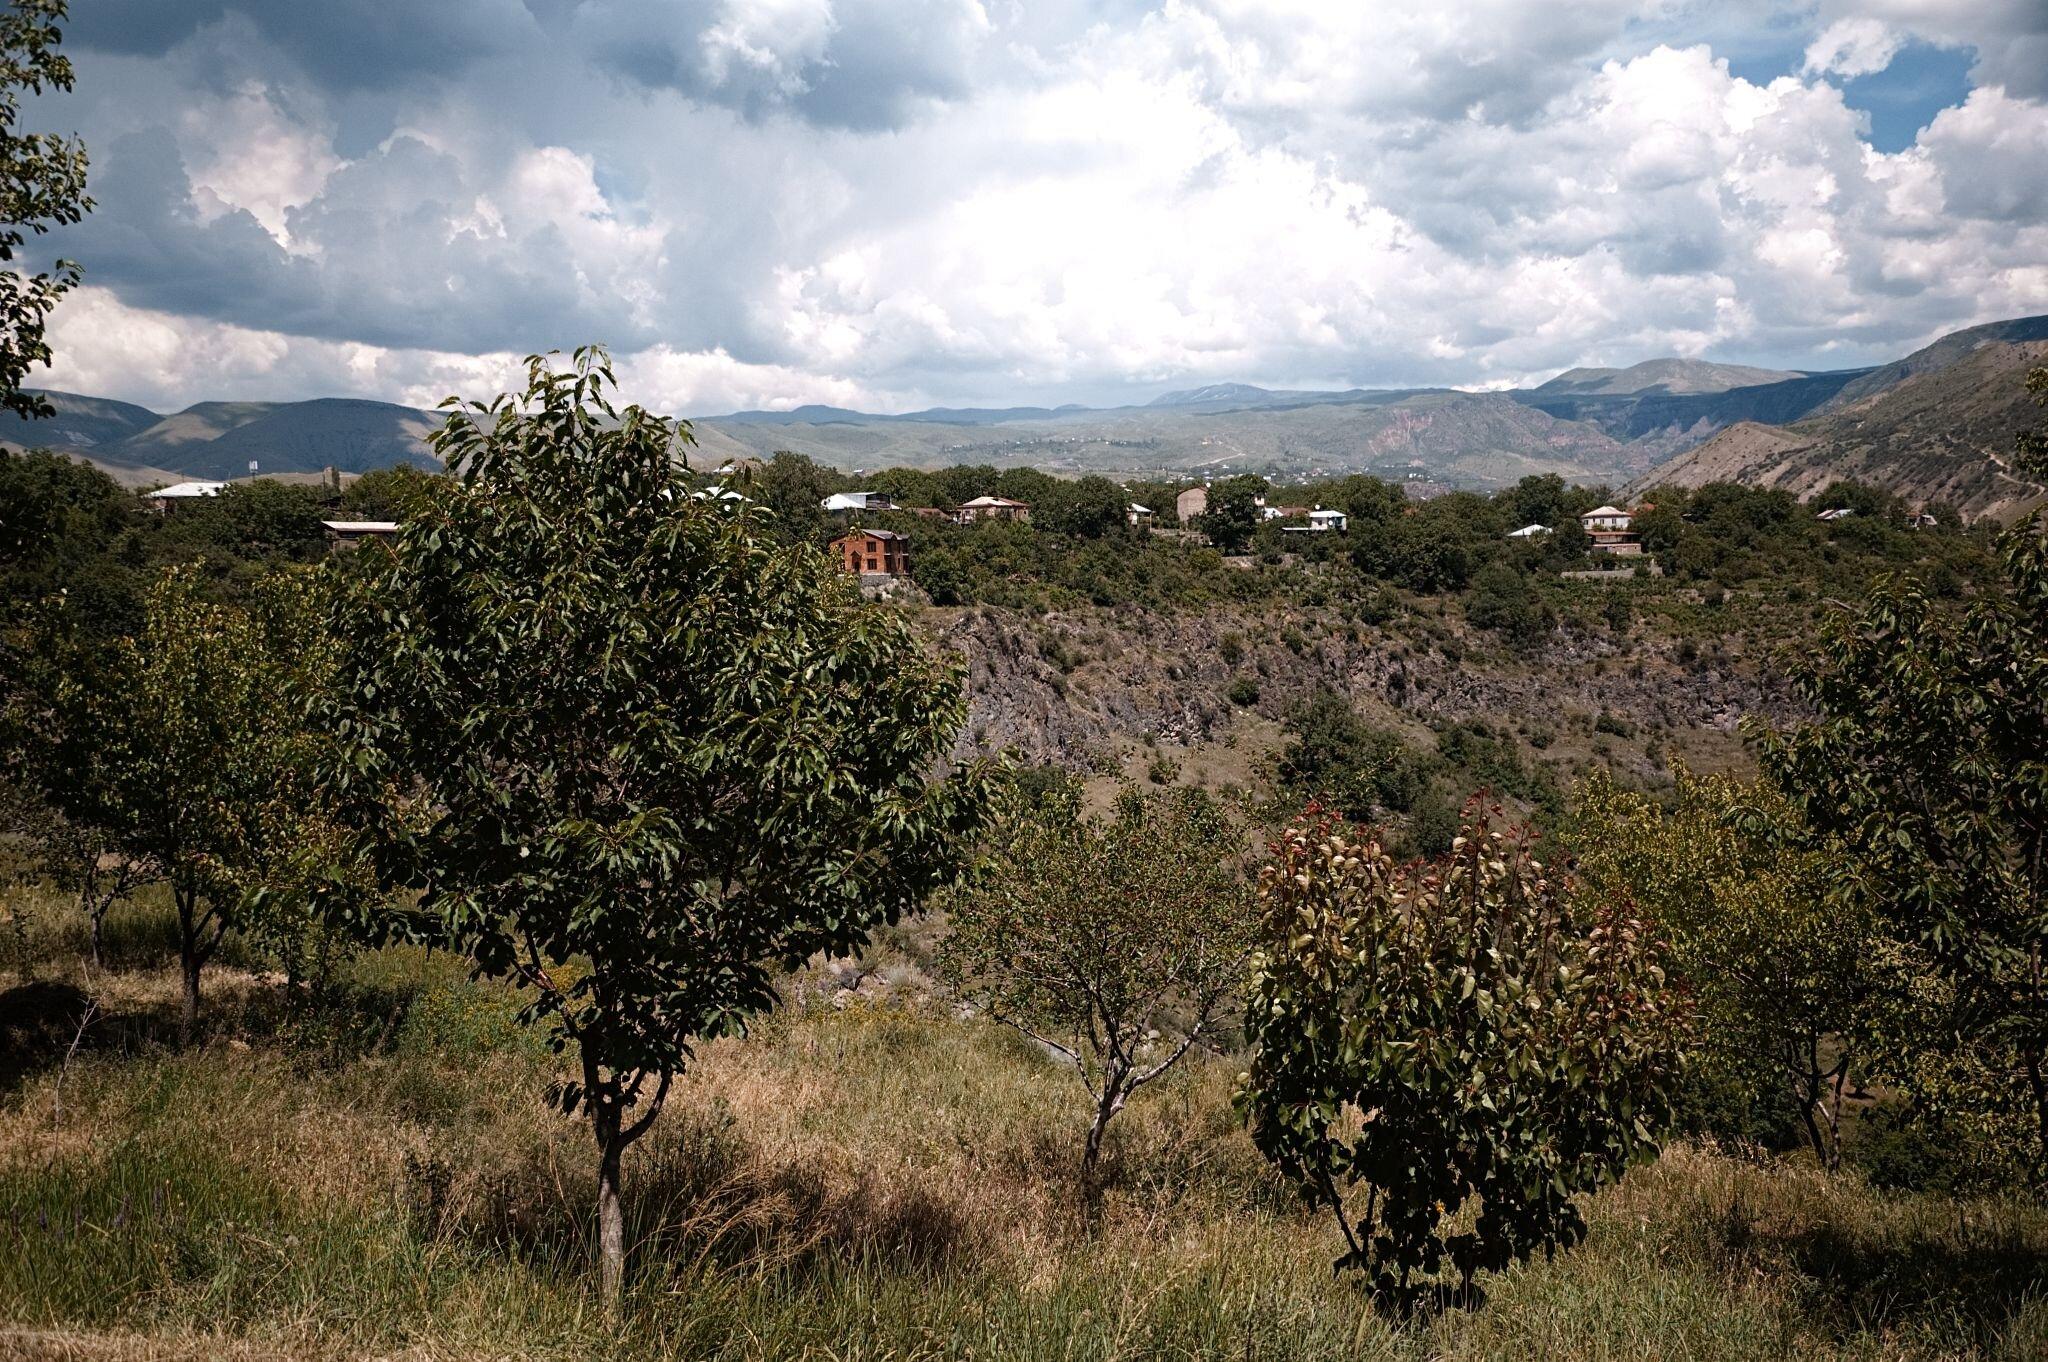 Raue Landschaft mit Häusern im Hintergrund